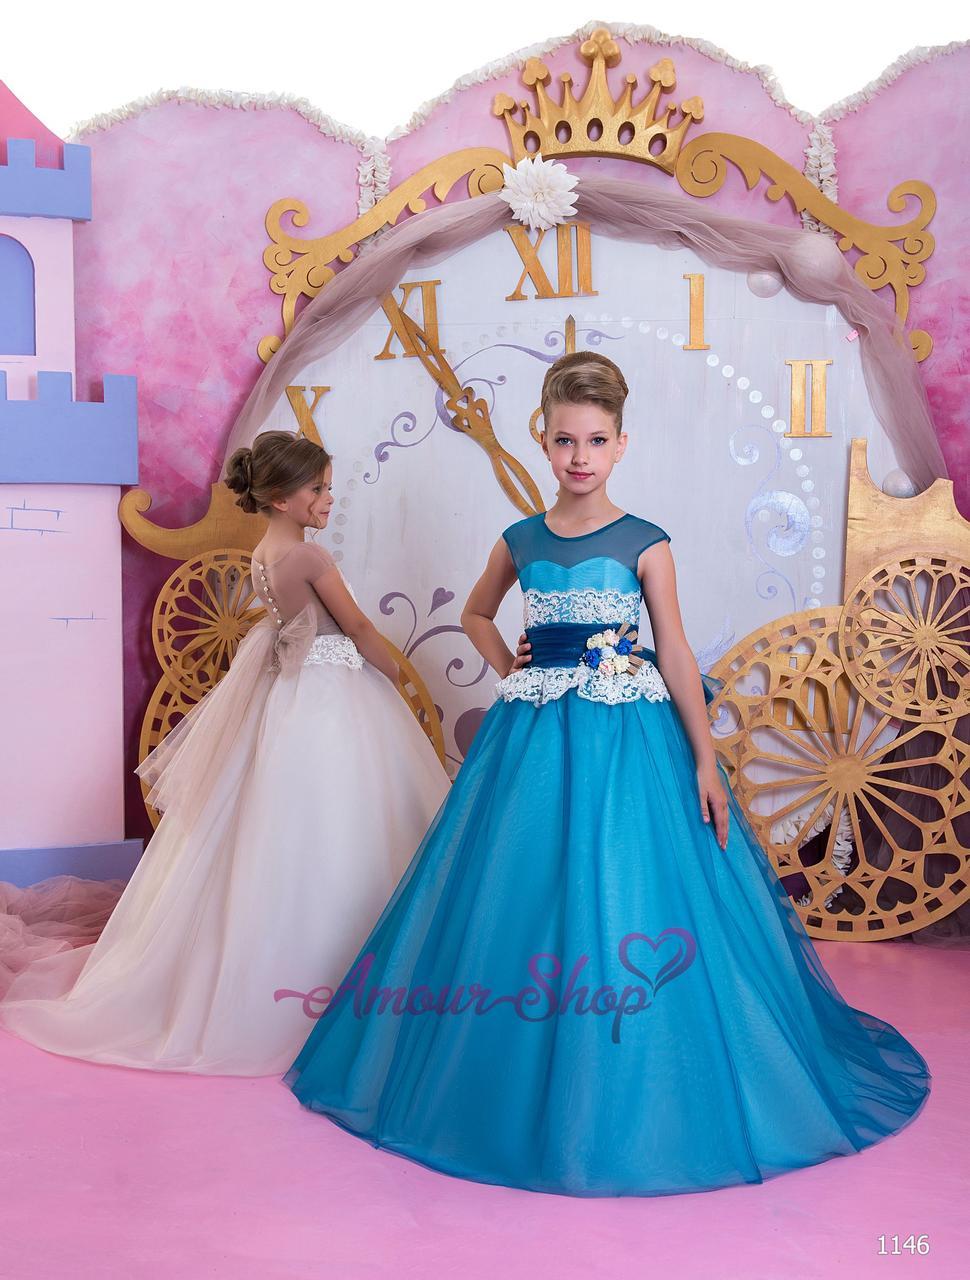 Детское нарядное выпускное платье на девочку 4,5,6,7,8,9,10,11лет (в садик, 4 класс), 1146